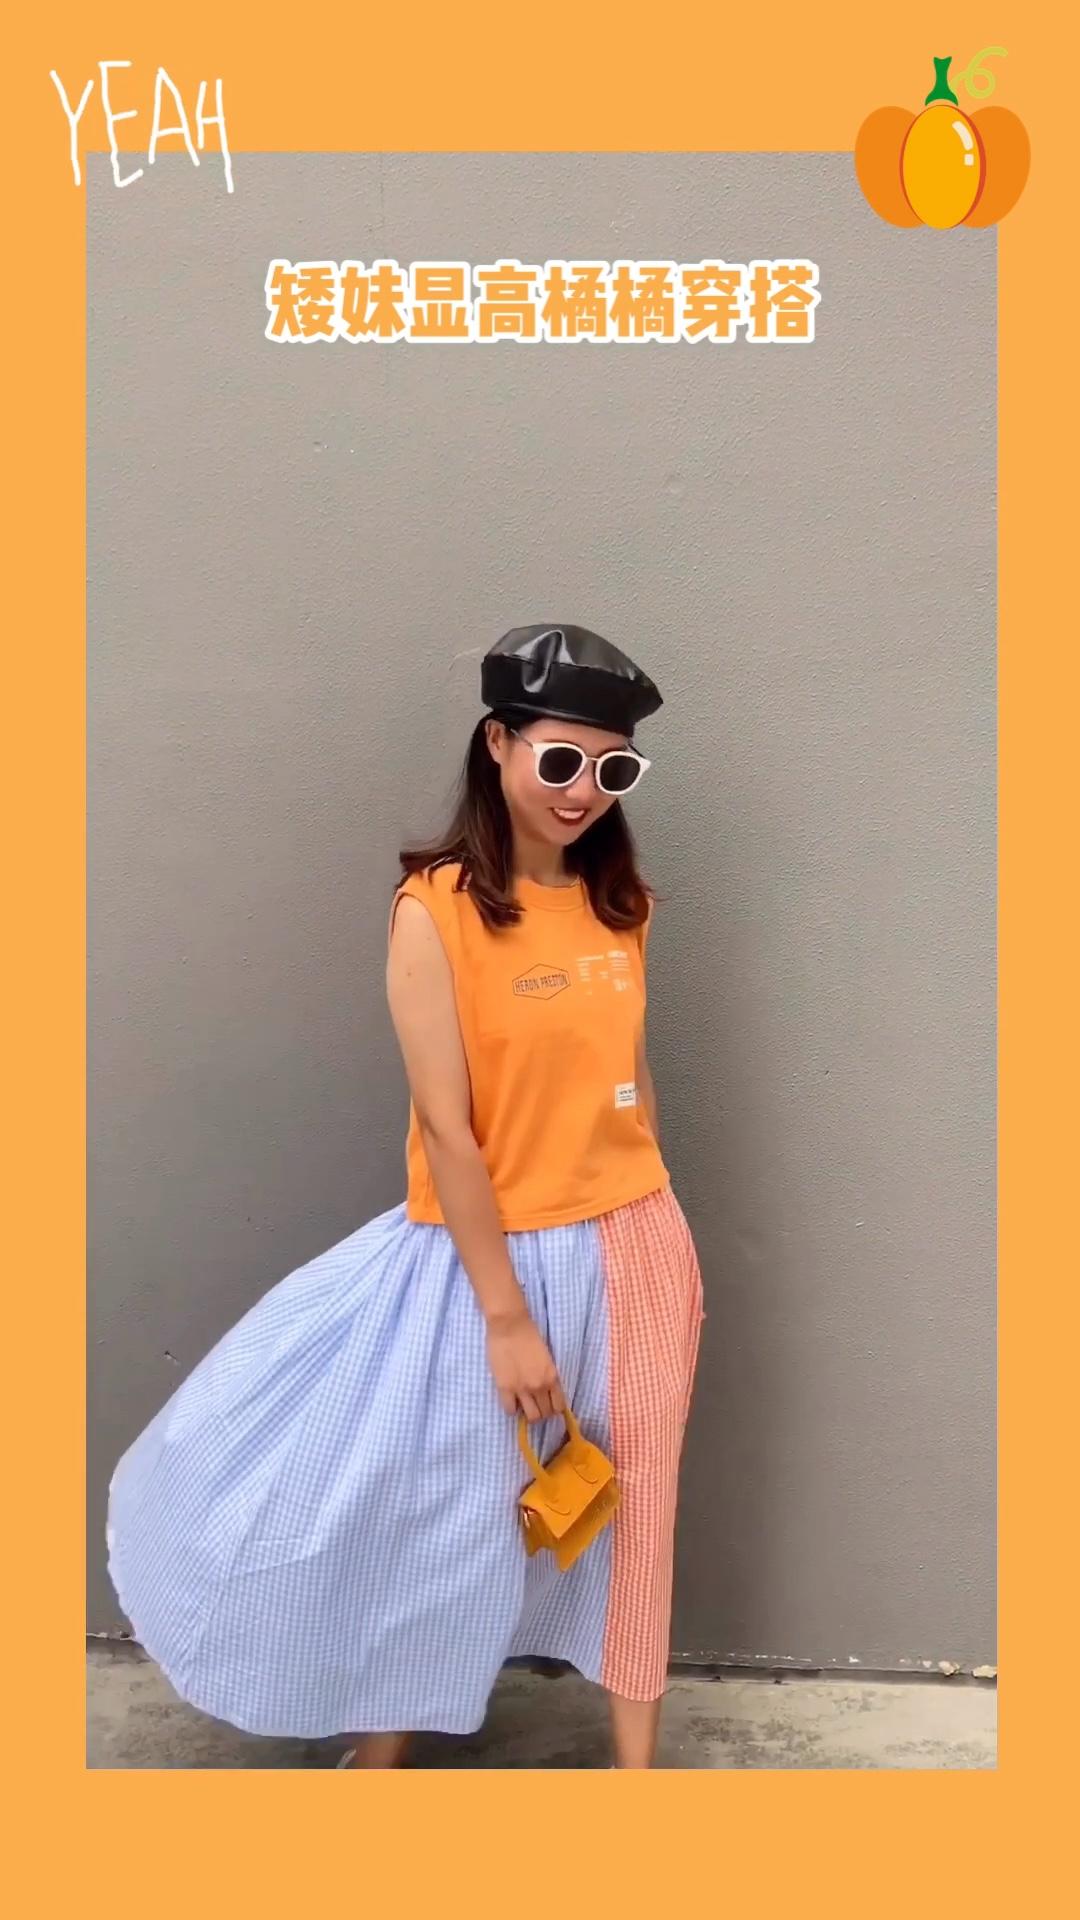 #网红必入的露肤心机top!# 风格百变的学生党穿搭✨ 矮妹显高橘橘穿搭 橘色是我很喜欢的 女孩子就应该穿的靓丽漂亮 橘色的背心很元气很好搭配 拼色格子裙又很特别 撞色橘色完全很赞👍 短款背心搭配半身裙显高又好看! 希望学生党妹子们美美哒 我们一起学穿搭呀❤️